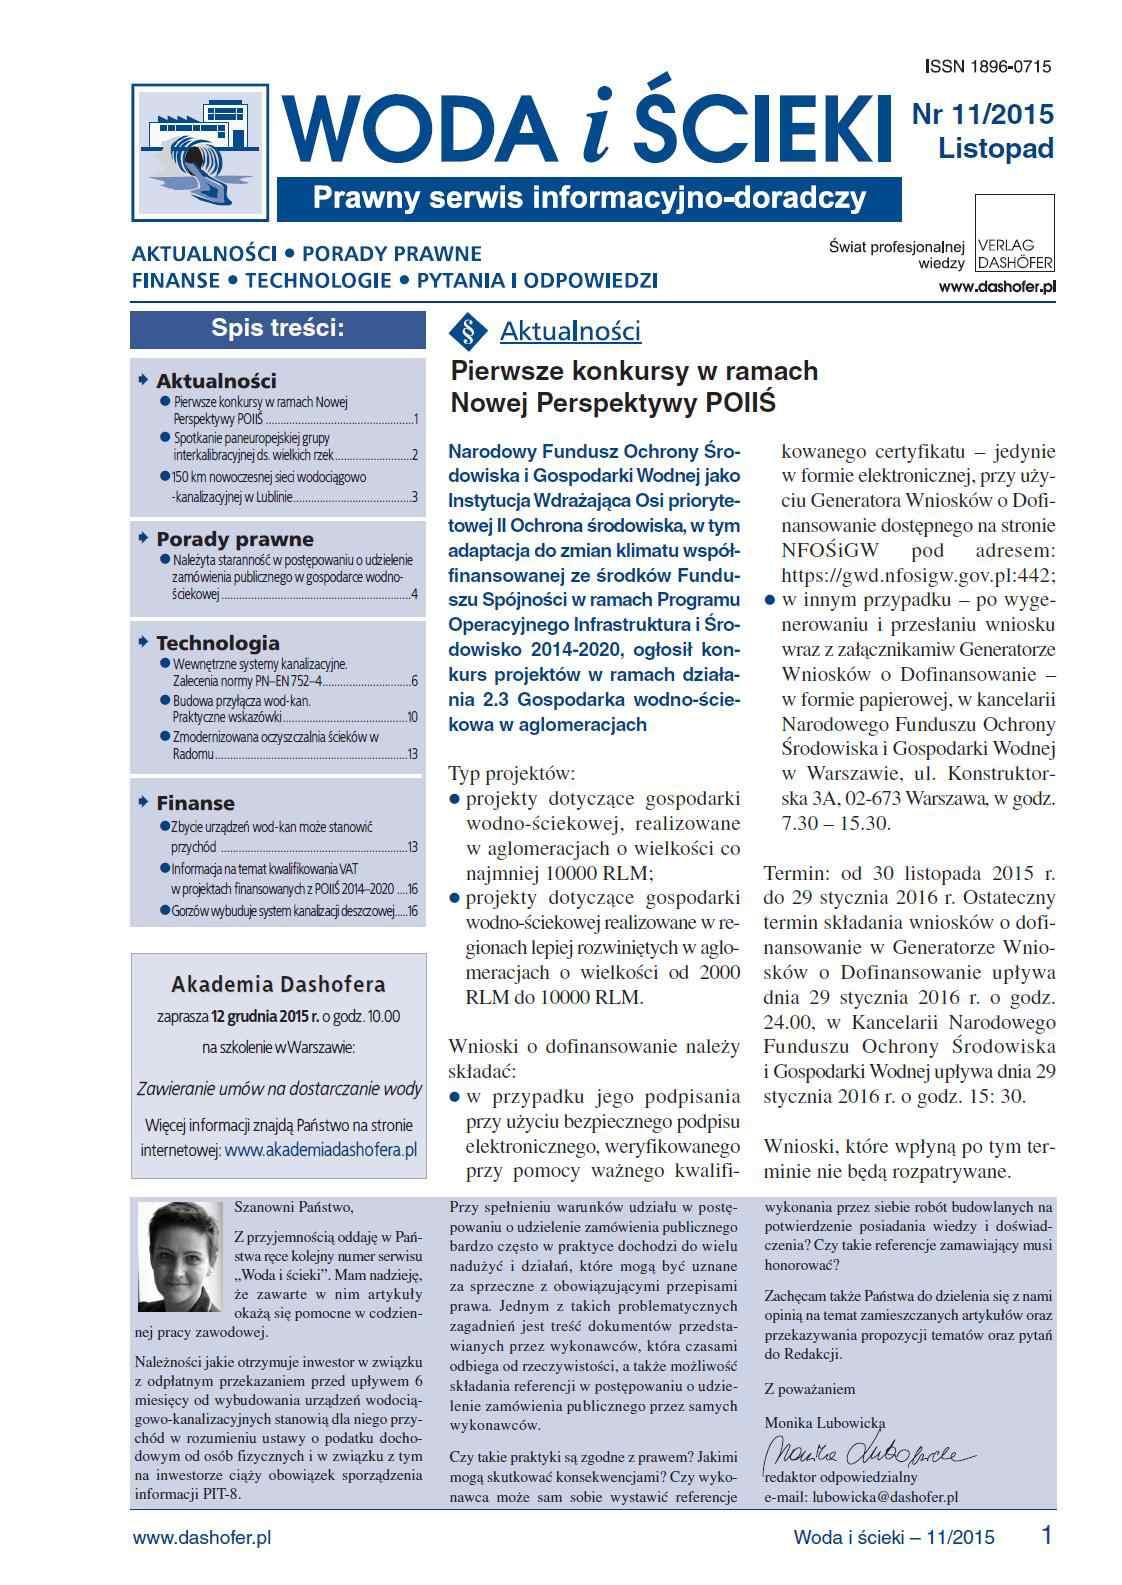 Woda i ścieki. Prawny serwis informacyjno-doradczy. Nr 11/2015 - Ebook (Książka PDF) do pobrania w formacie PDF